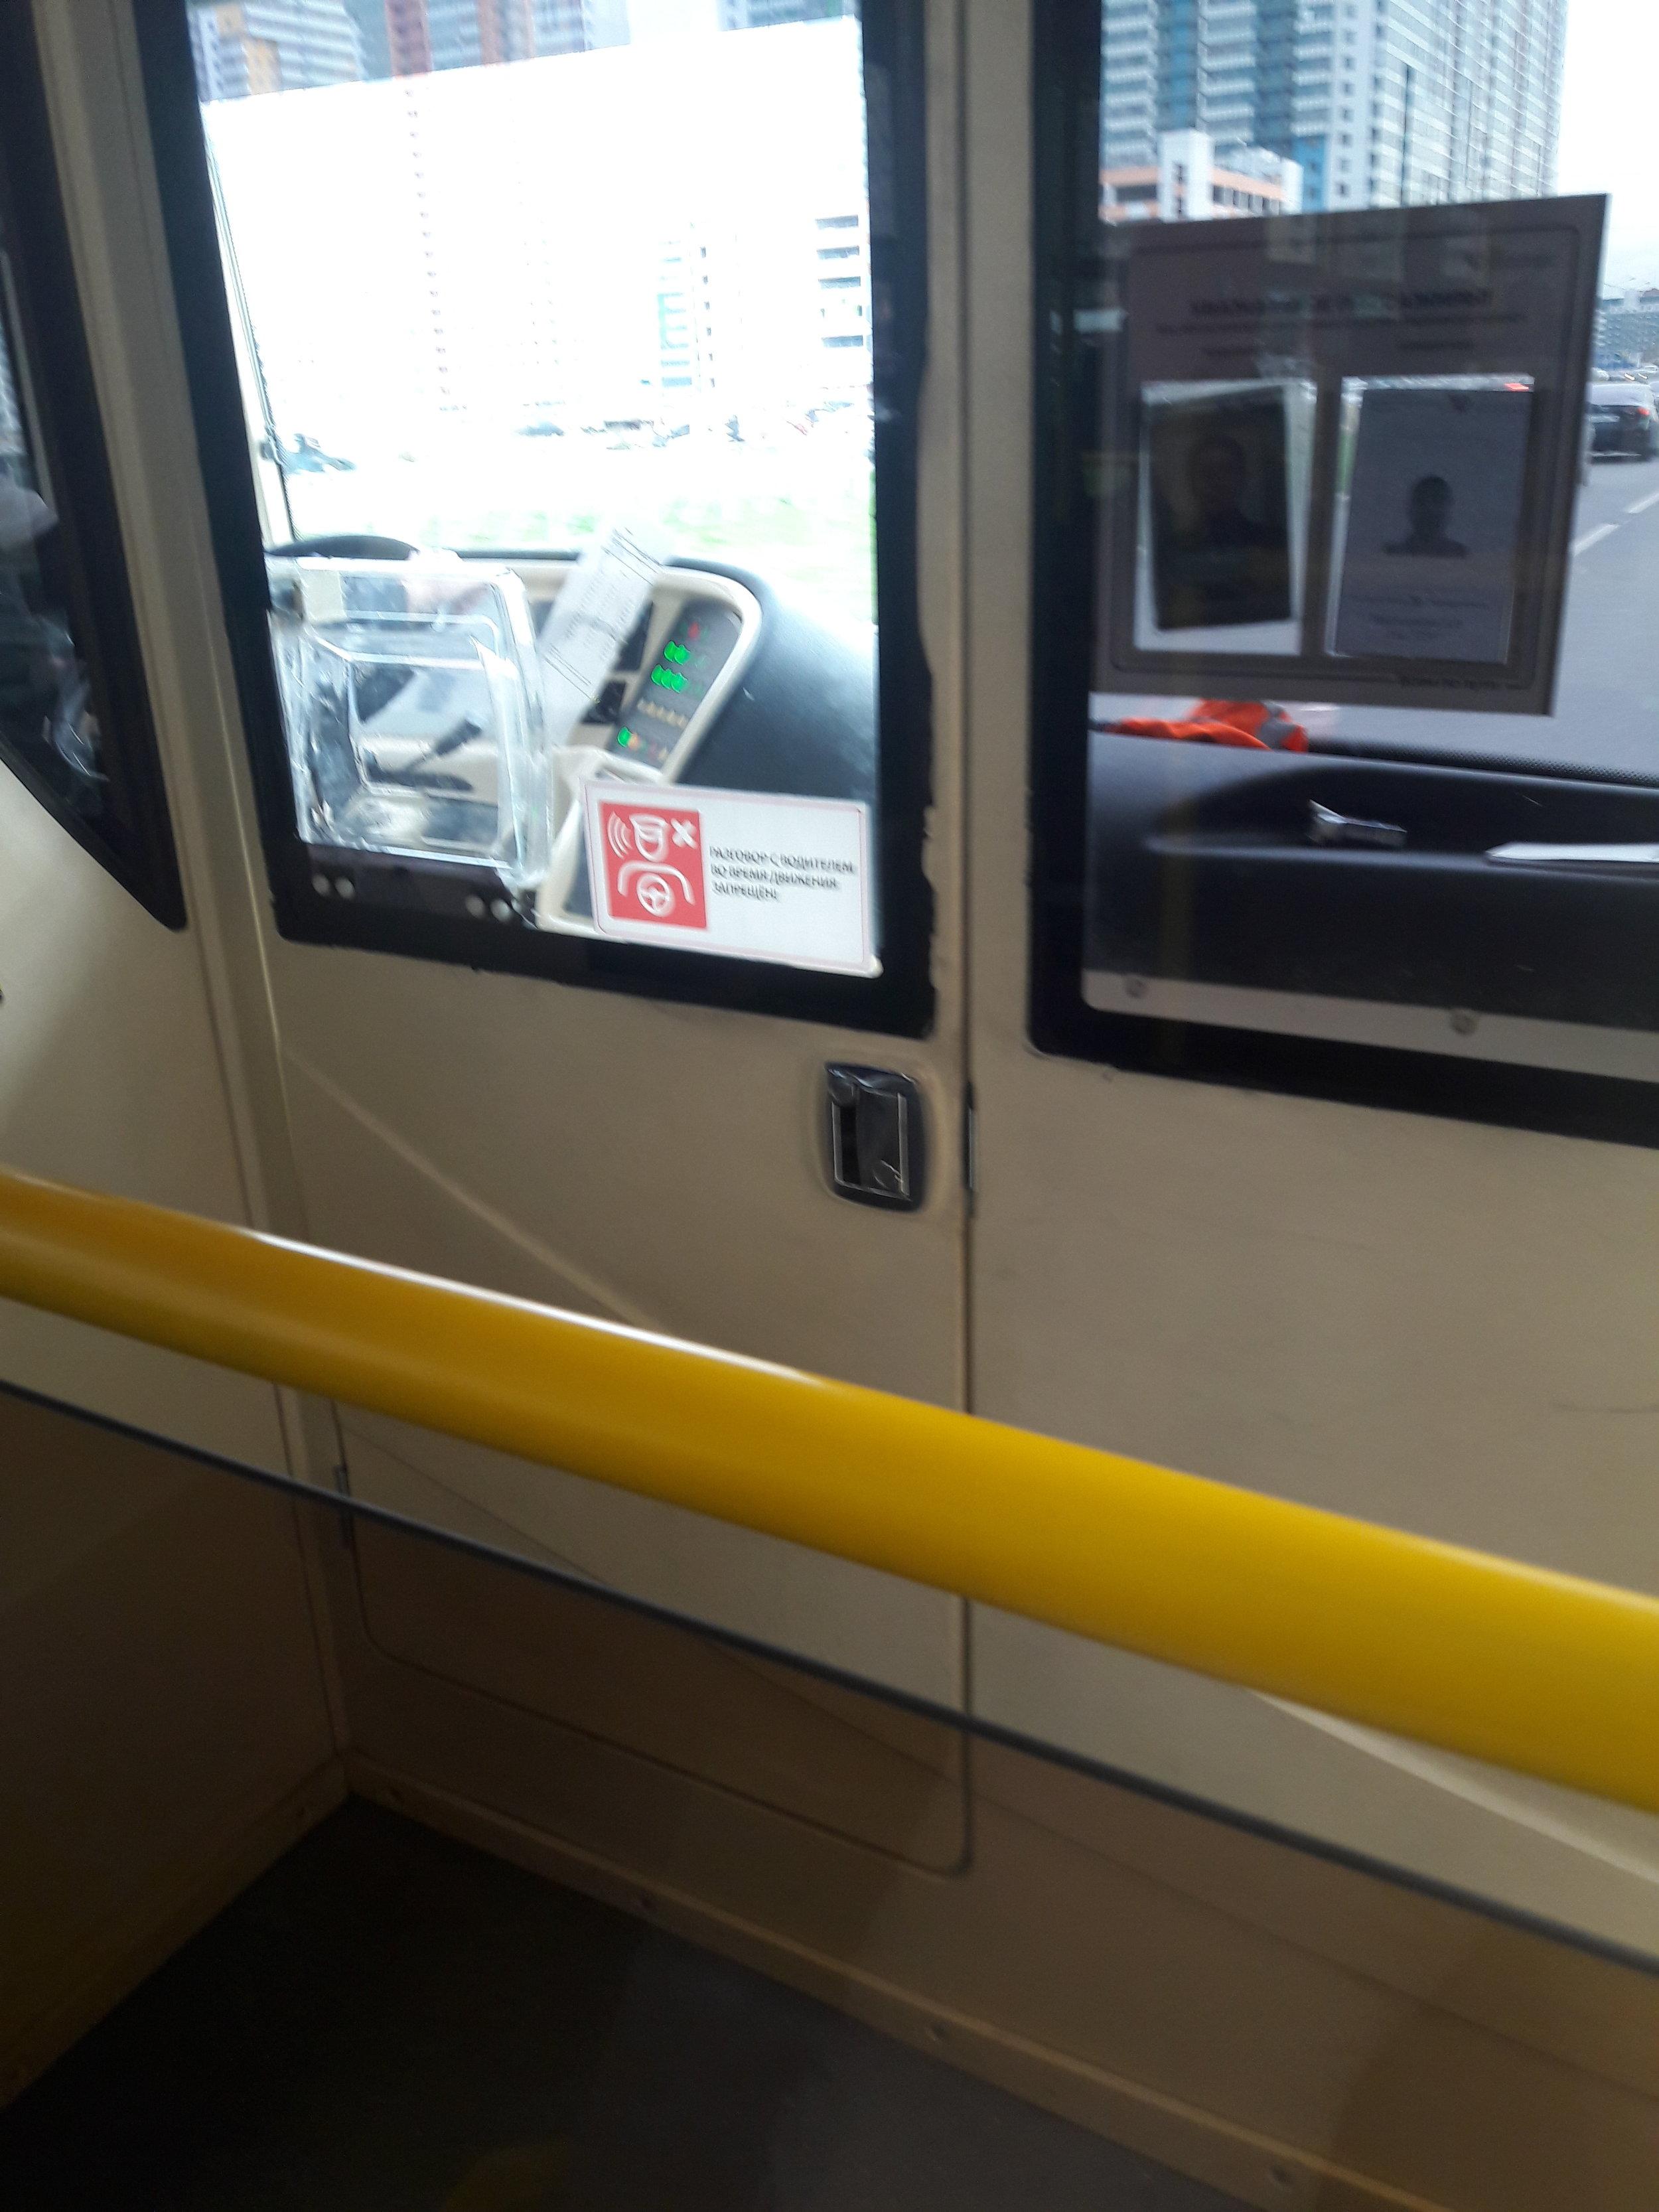 Kvalita některého materiálu je bídná, v trolejbuse se řada pásek i nadpisů odlepuje. Skvrny od špíny jsou viditelné. Město i dopravce mají pořád ještě co vylepšovat.